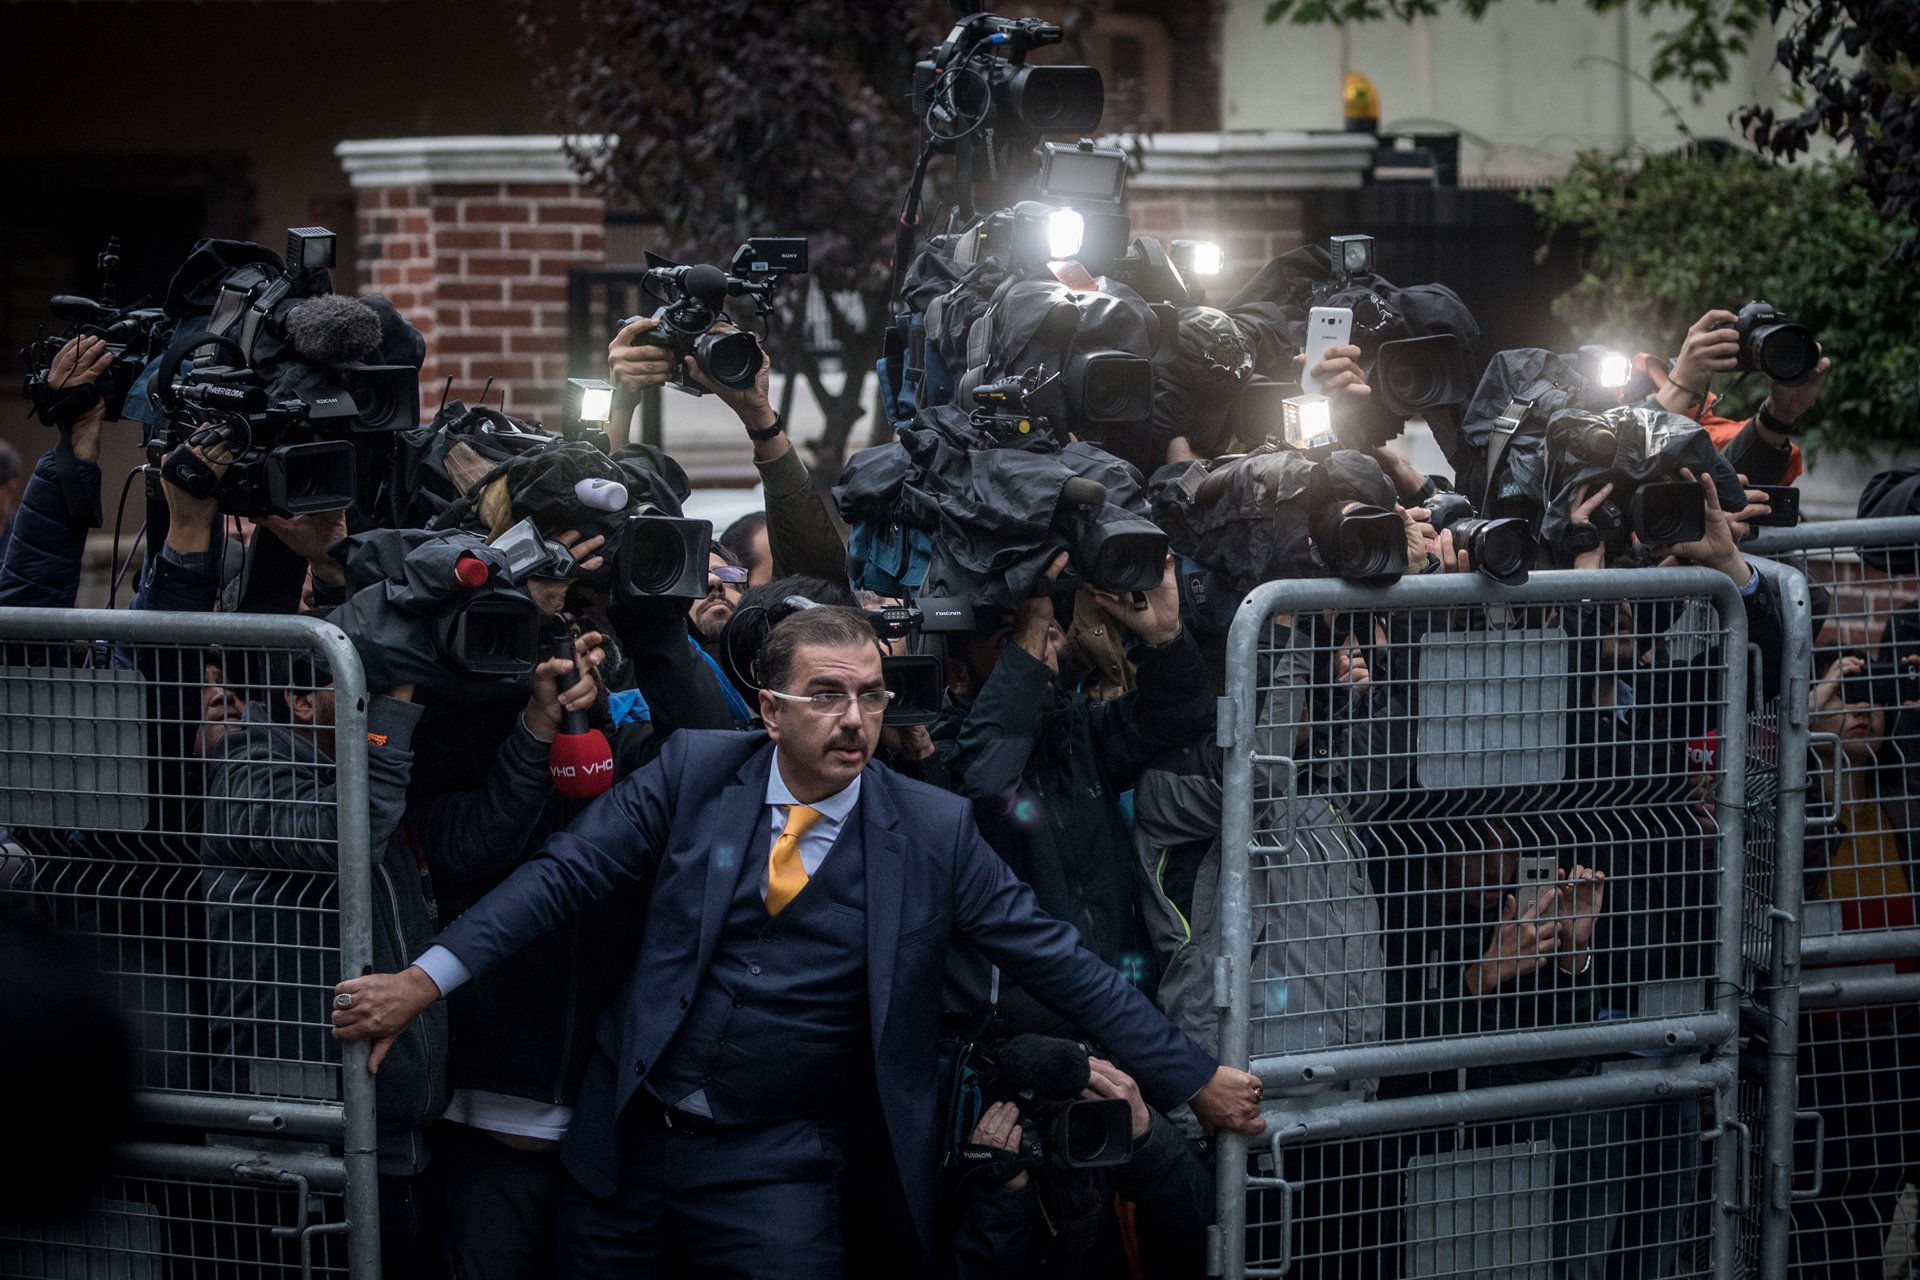 Un hombre no identificado trata de detener la prensa el 15 de octubre, cuando los investigadores saudíes llegan al Consulado de Arabia Saudita en Estambul, Turquía, en medio de una creciente reacción internacional contra la desaparición del periodista Jamal Khashoggi / Foto: Chris McGrath (Getty Images)